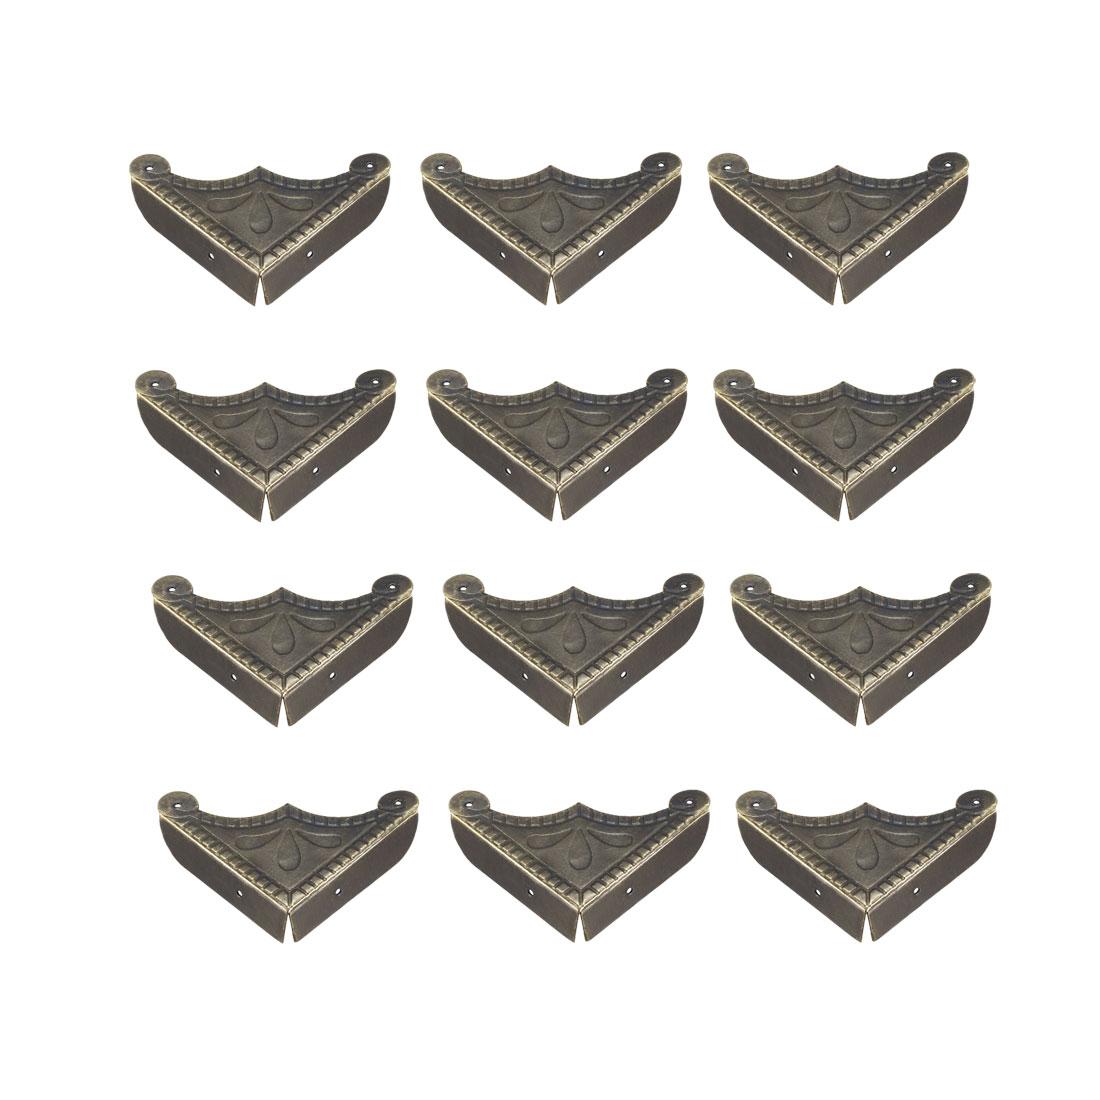 Metal Desk Corner Protectors Table Edge Cover Guard 57x57x13mm Bronze Tone 12pcs